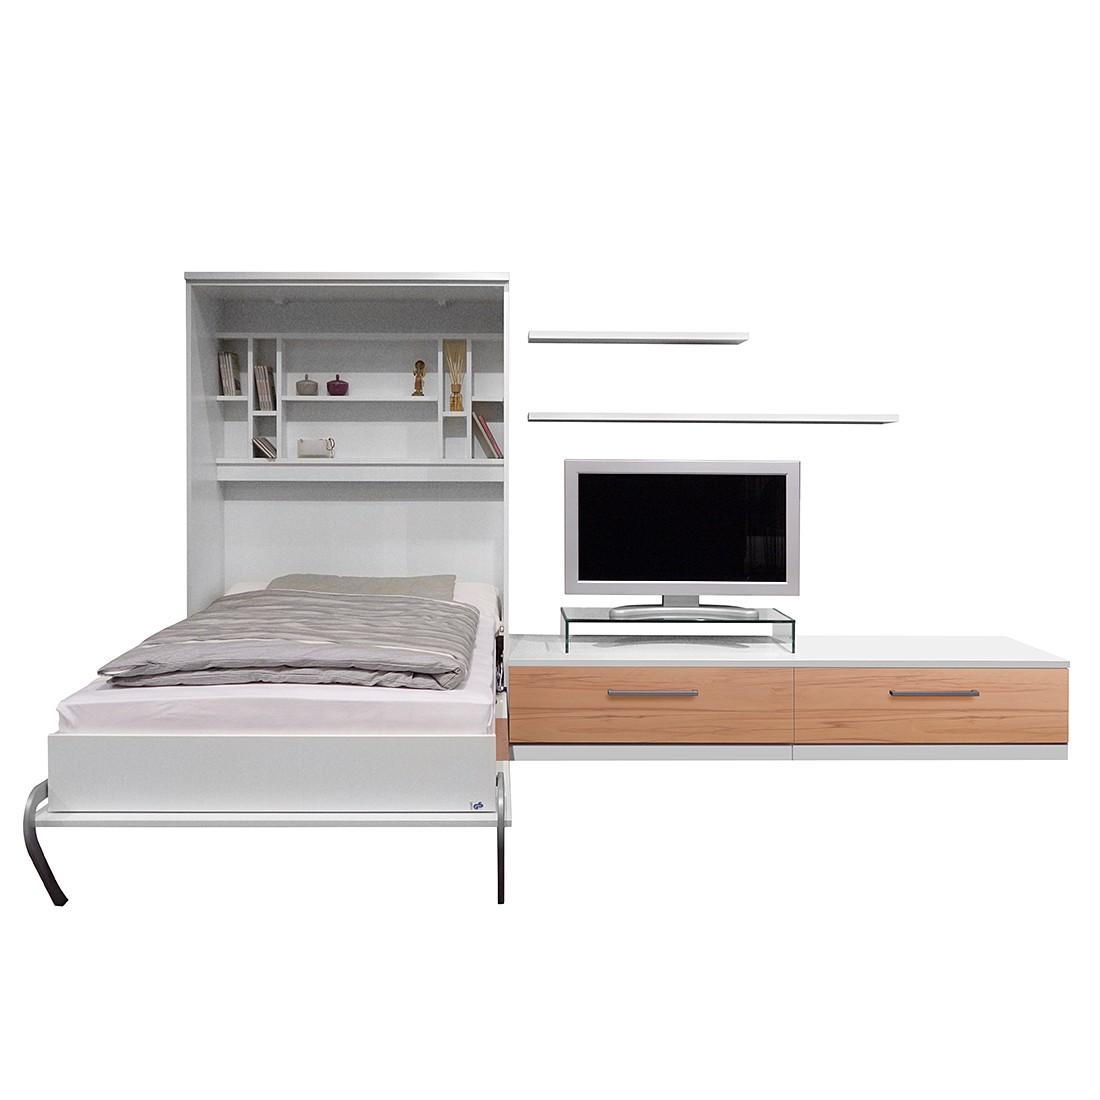 Wandklapbed combinatie Majano - 110 x 205cm - Koudschuimmatras - Wit/kernbeukenhout, loftscape